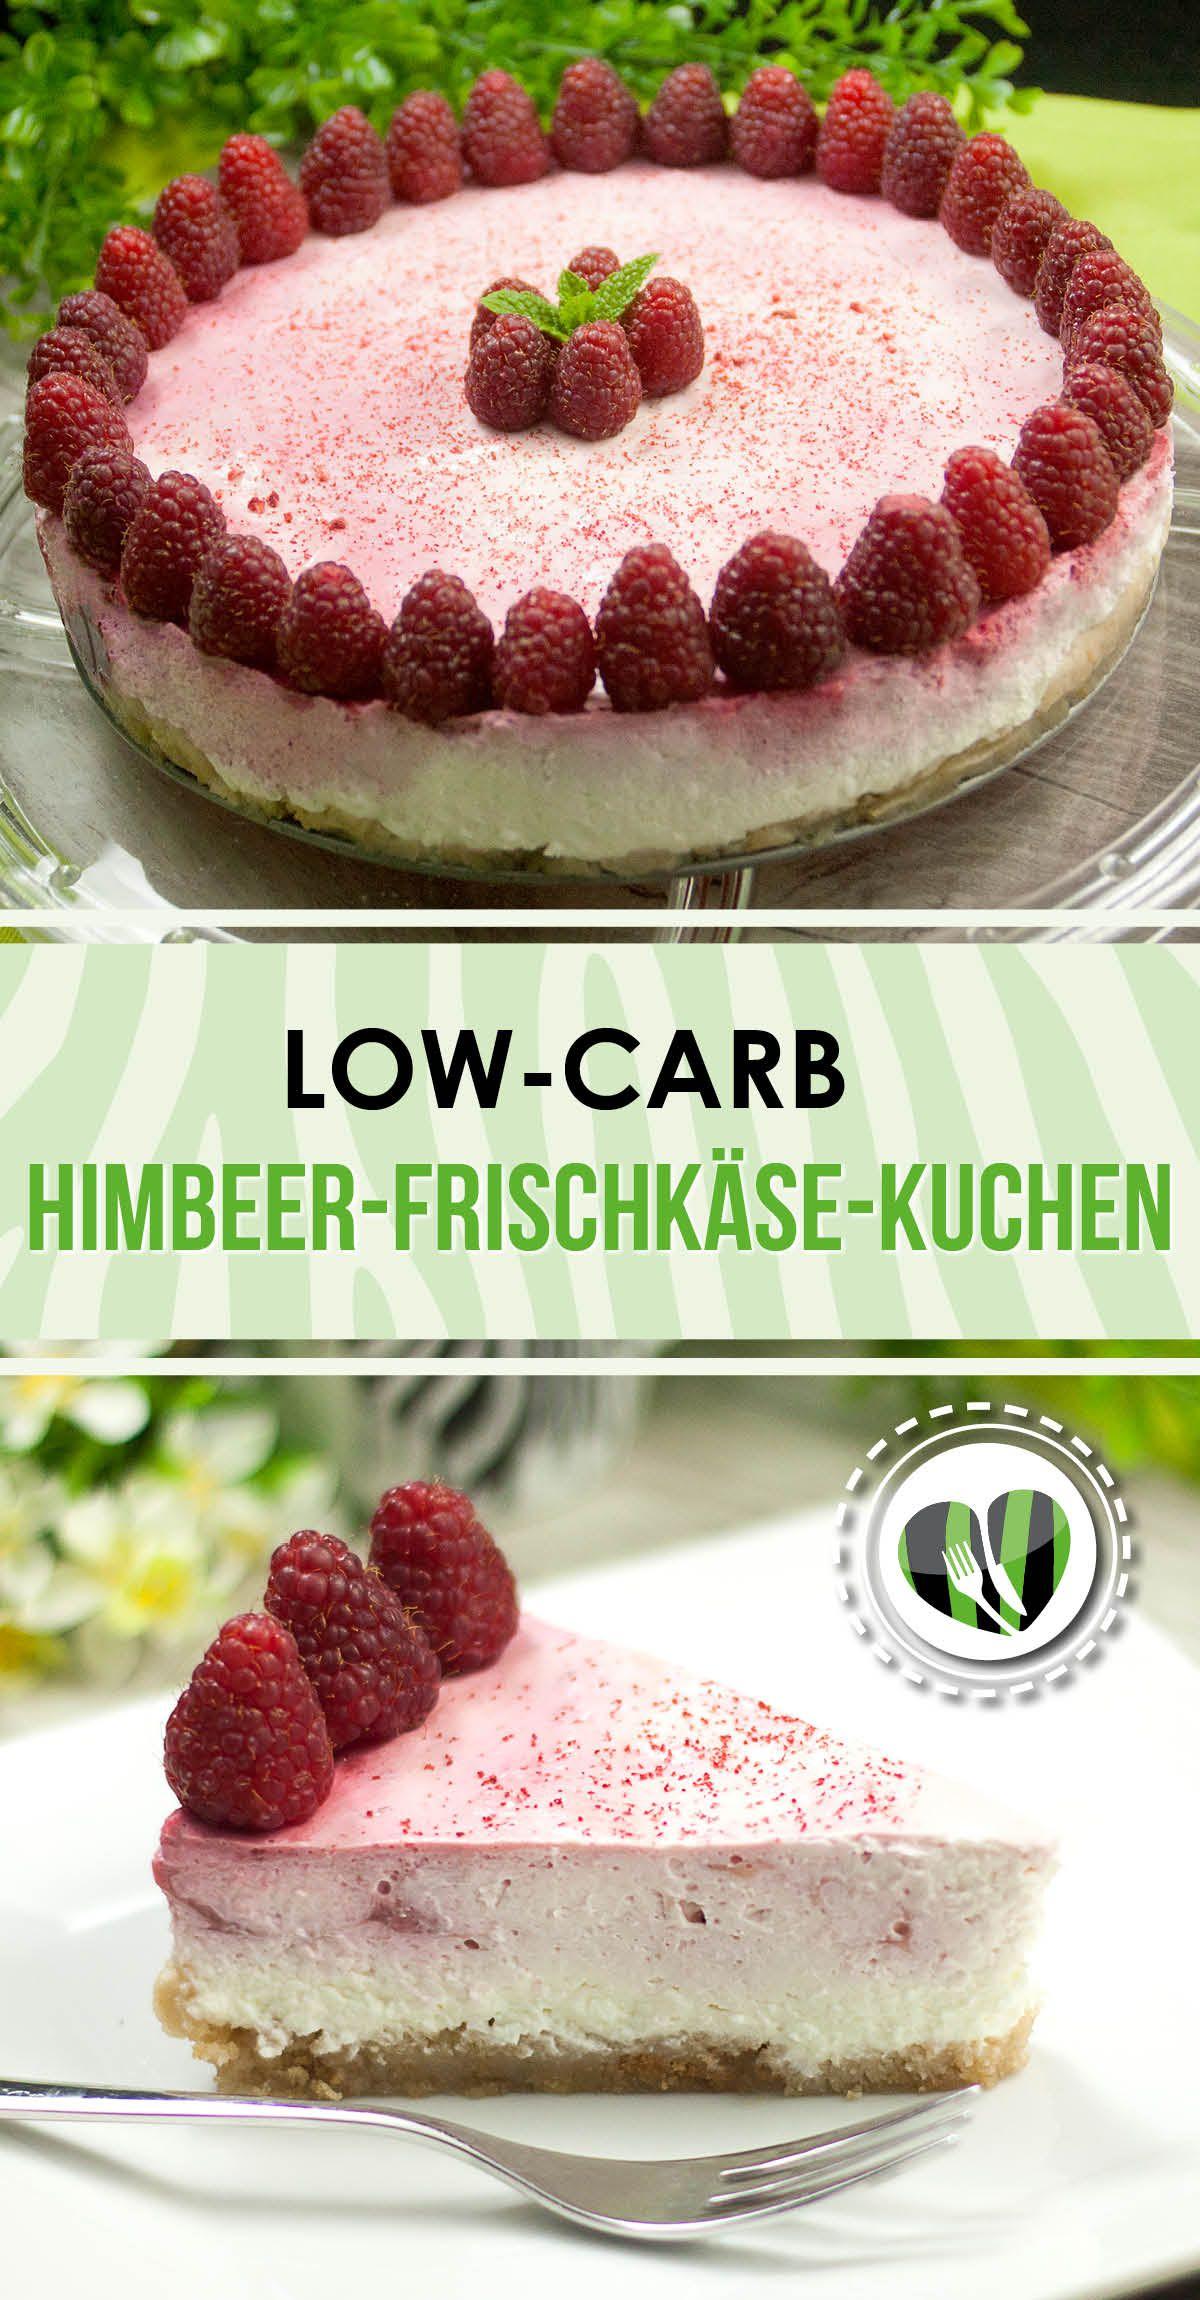 Low Carb Kuchen Backen Himbeer Frischkase Kuchen Ein No Bake Cake